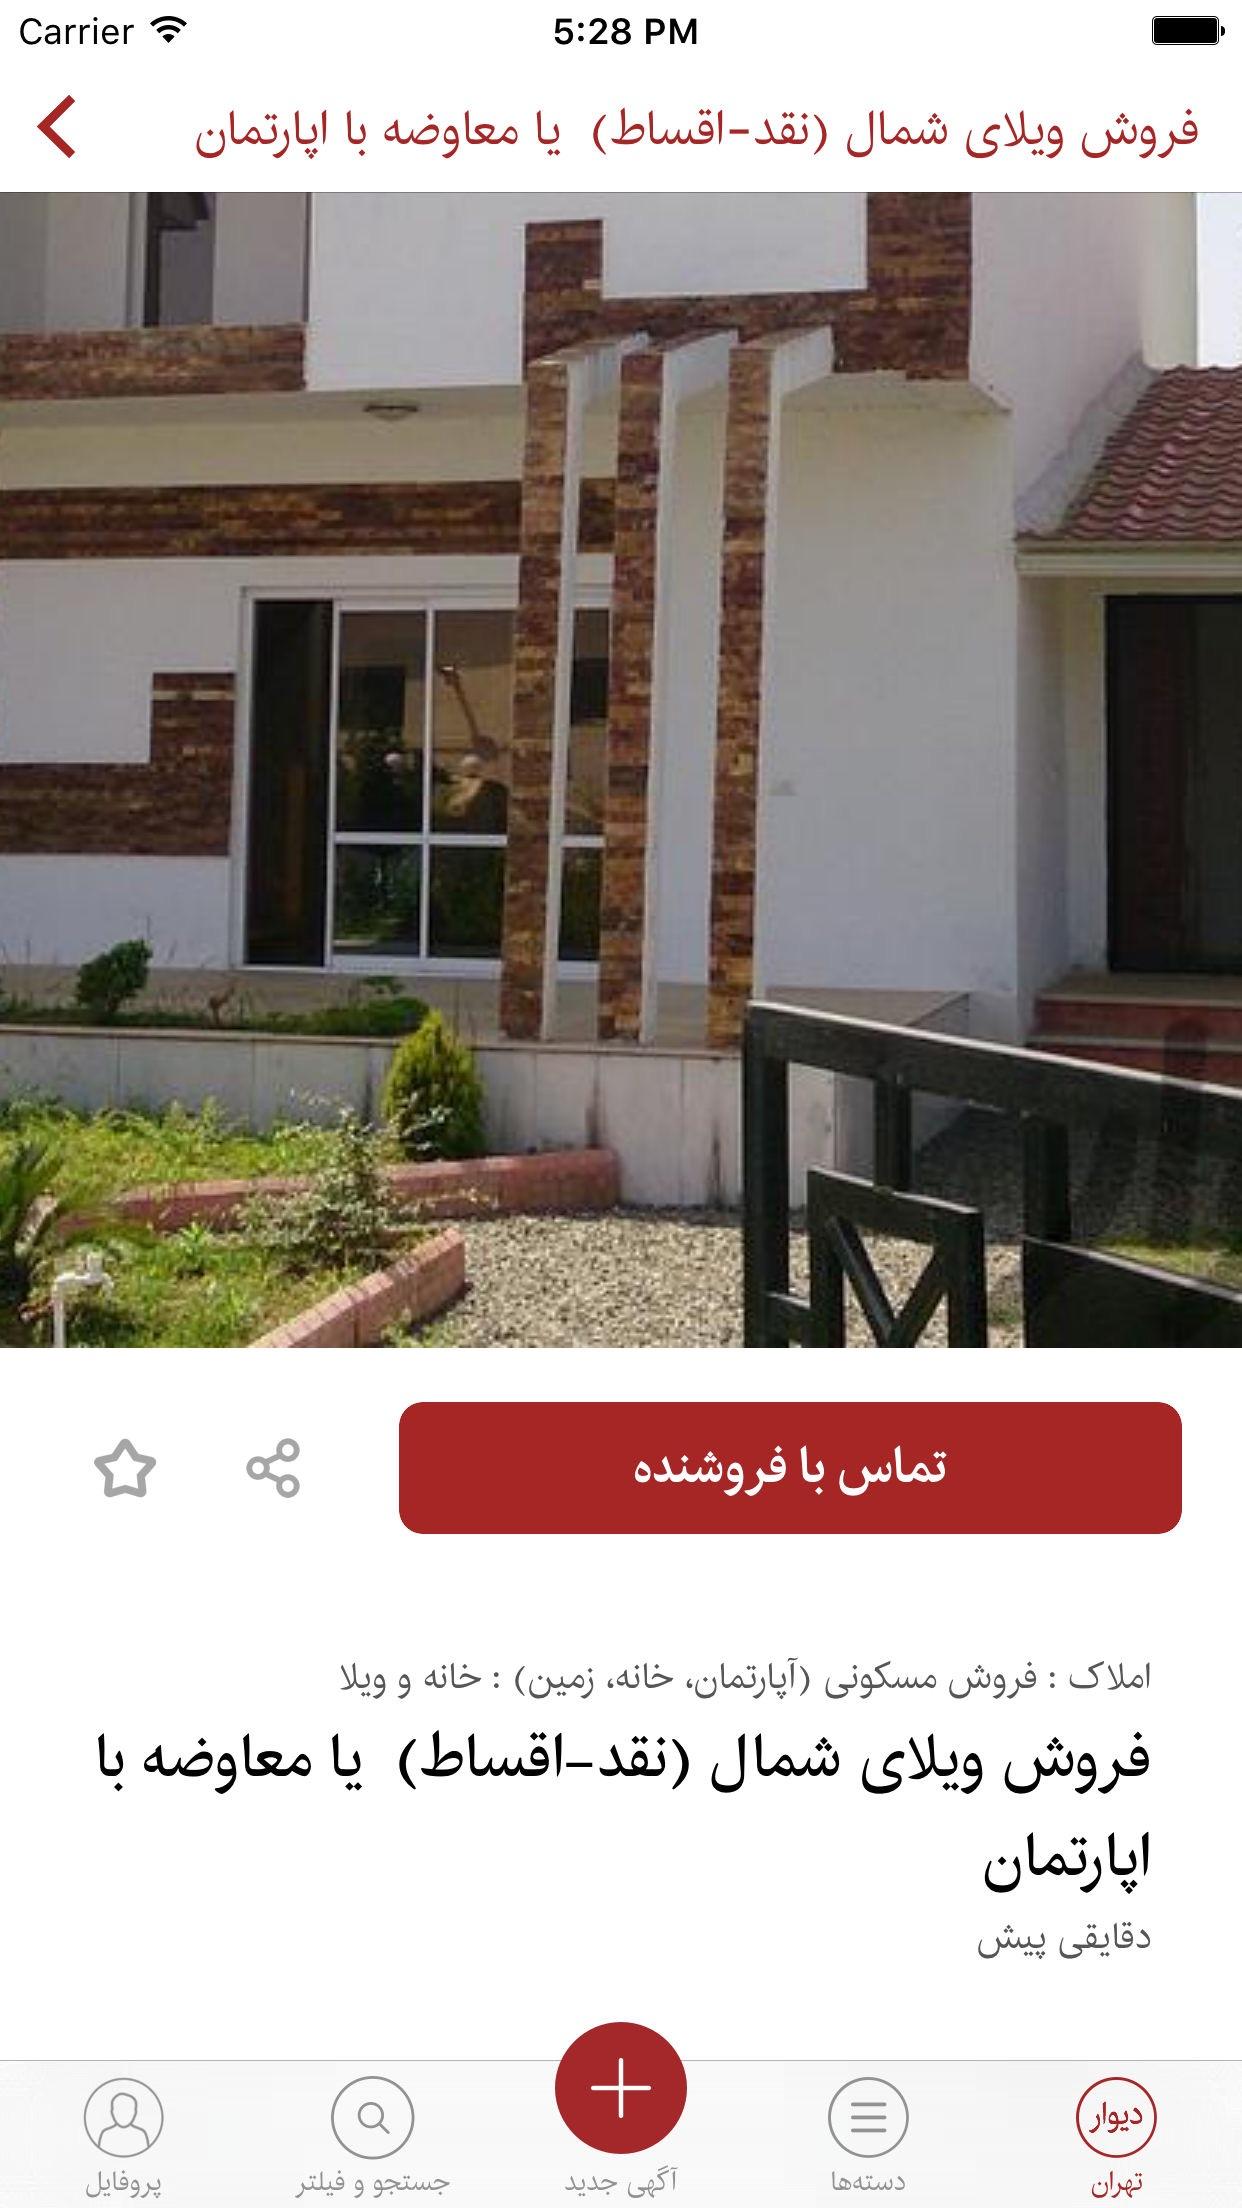 دیوار - خرید و فروش بی واسطه در ایران Screenshot